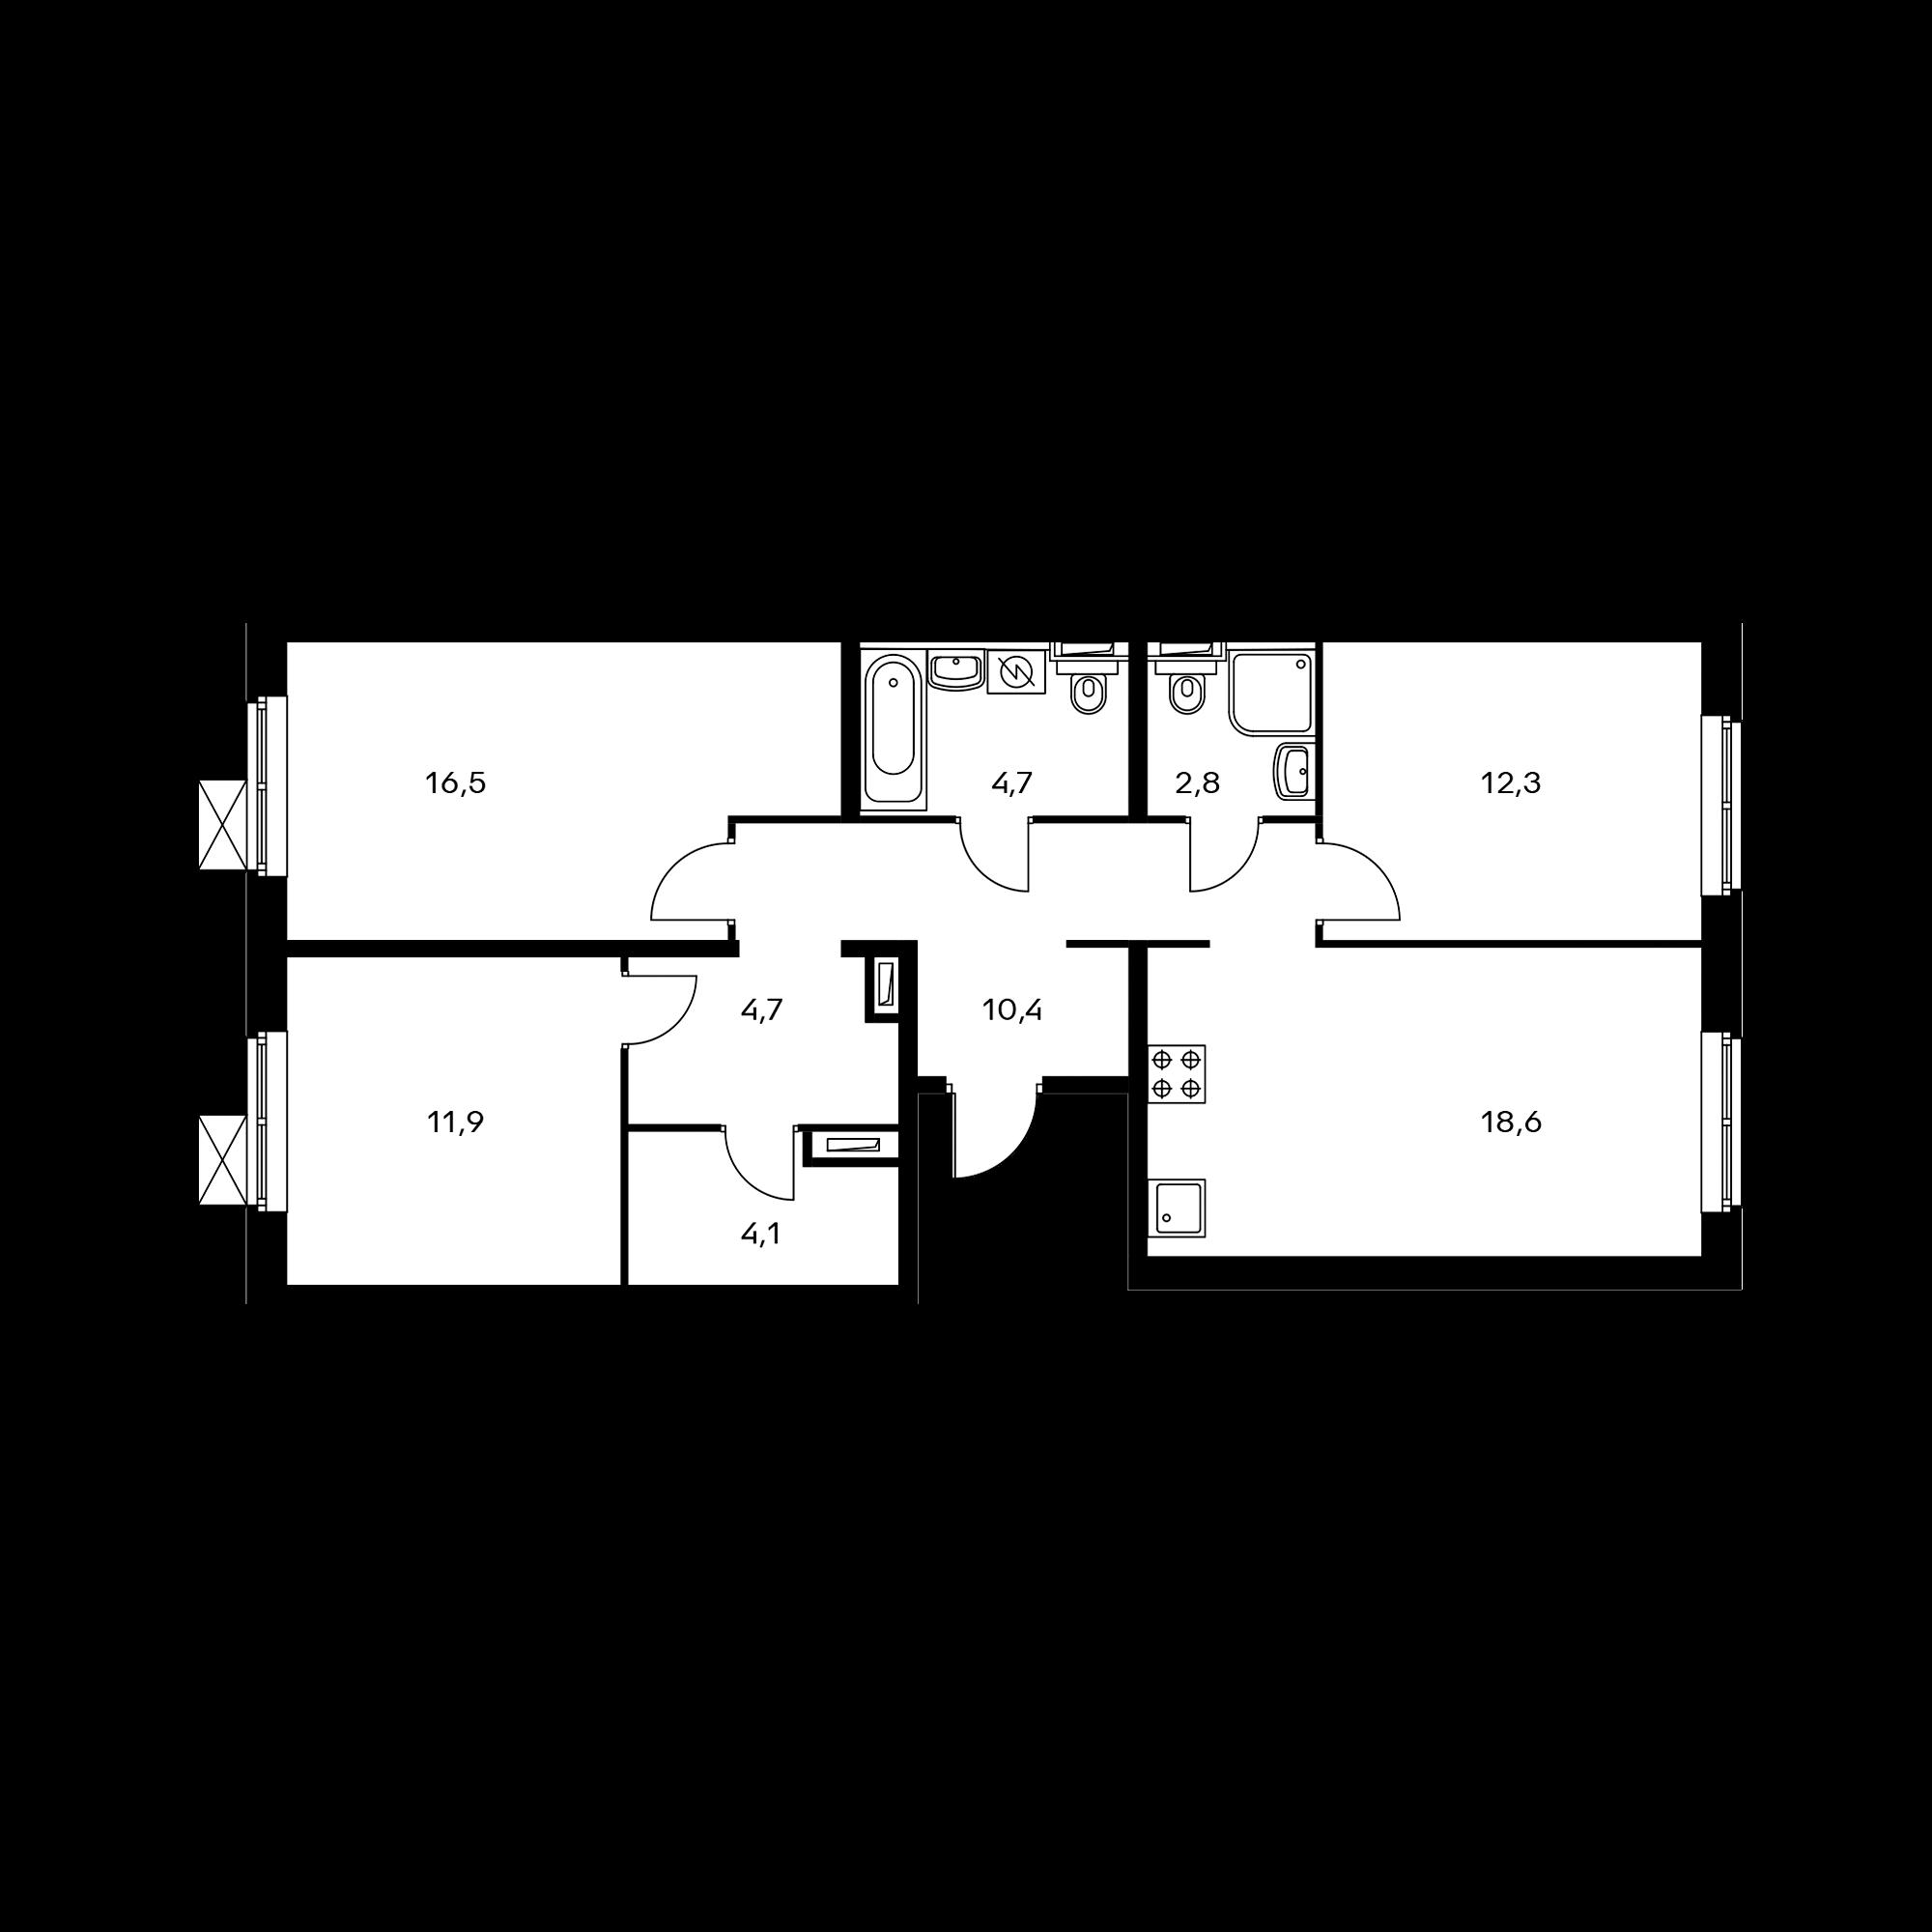 3-комнатная 85.5 м²